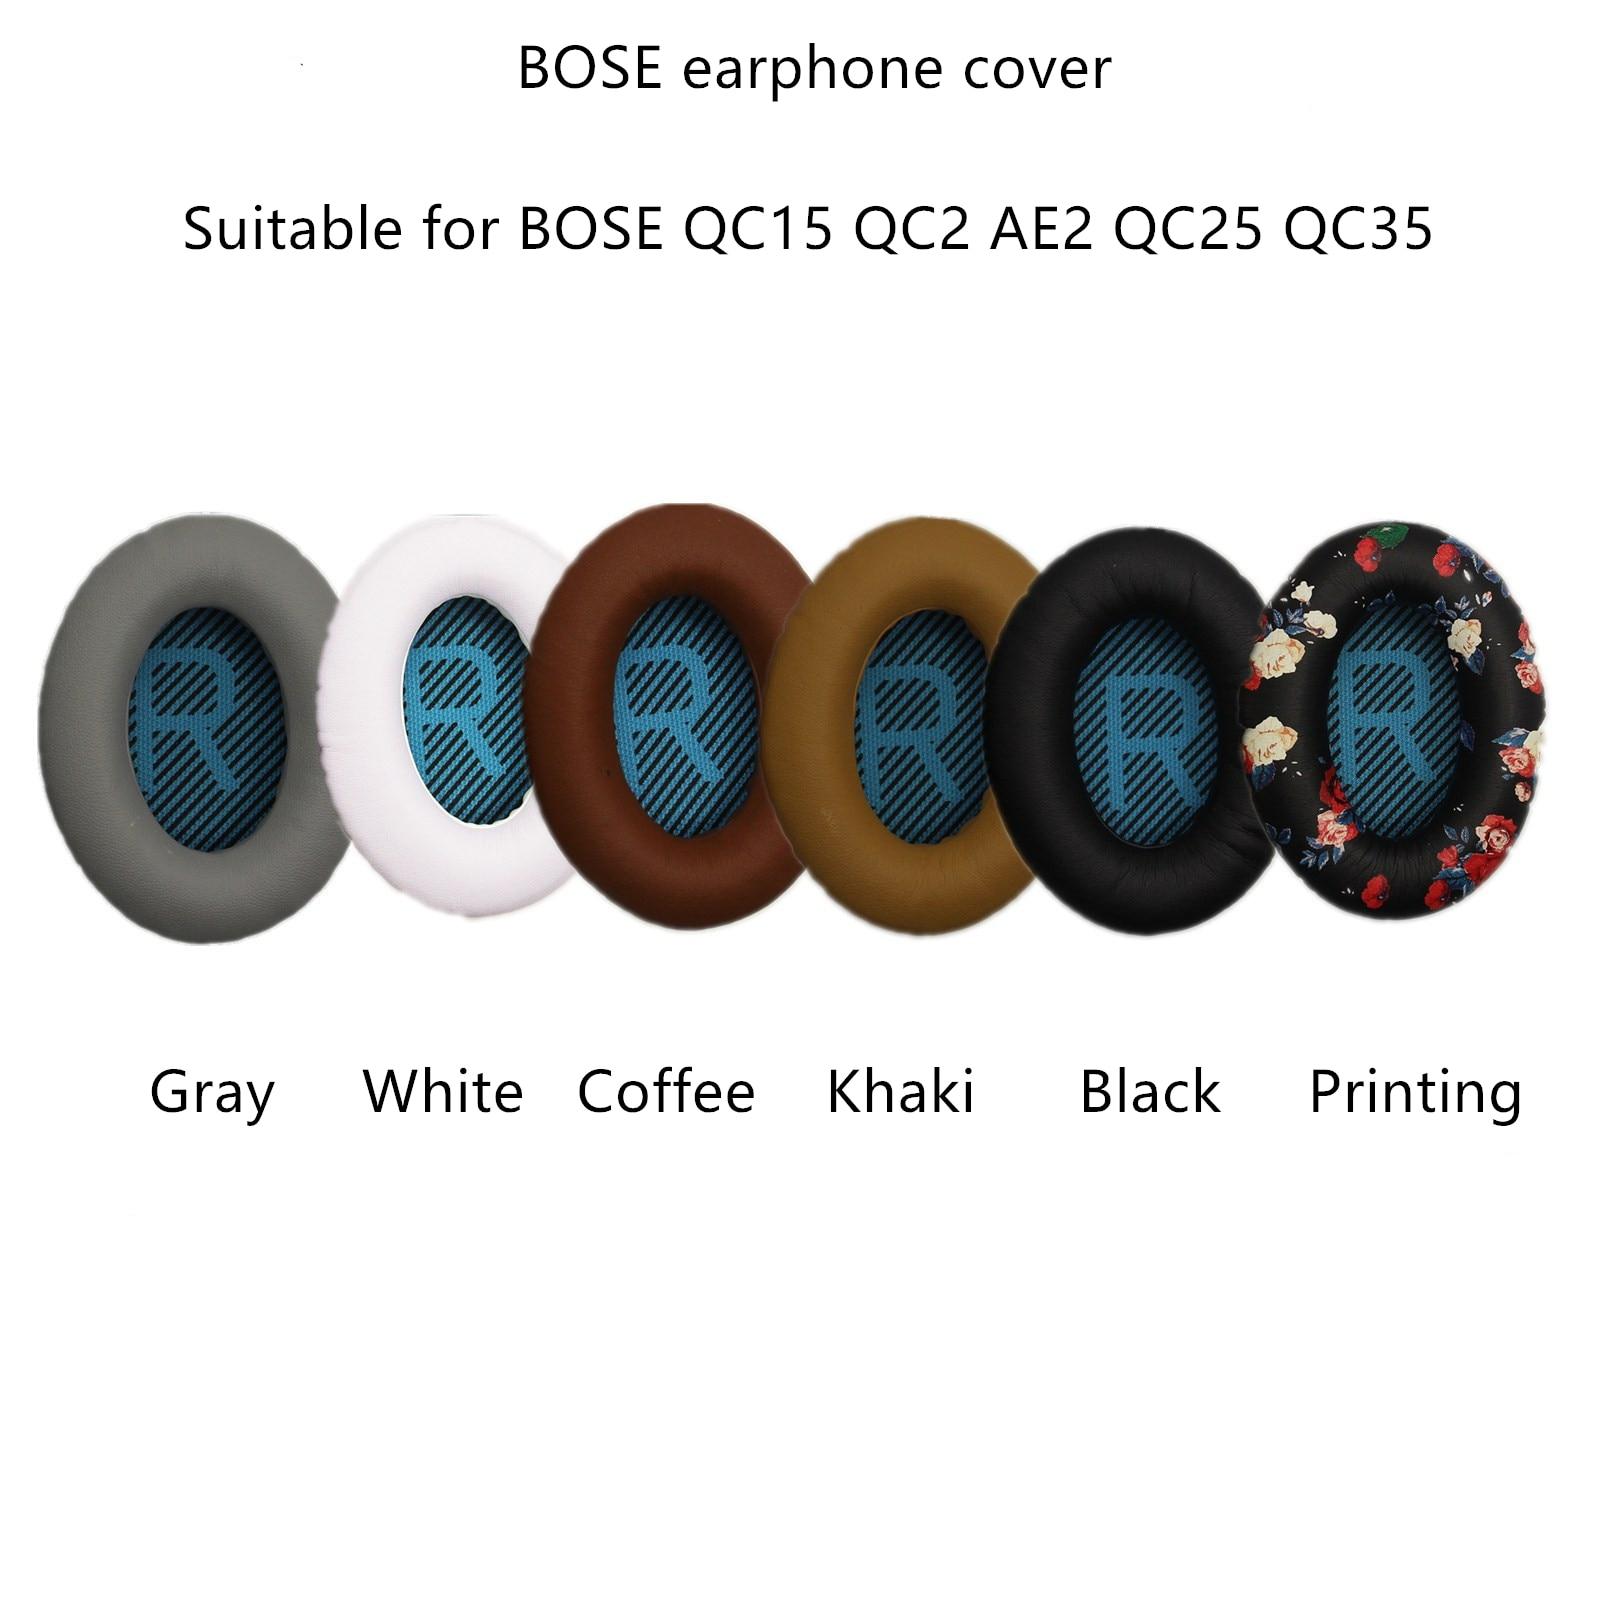 2pcs For BOSE QC2 QC15 AE2 QC25 QC35 Headphones Set Sponge Earmuffs Earphones Headphones Headphones Accessories